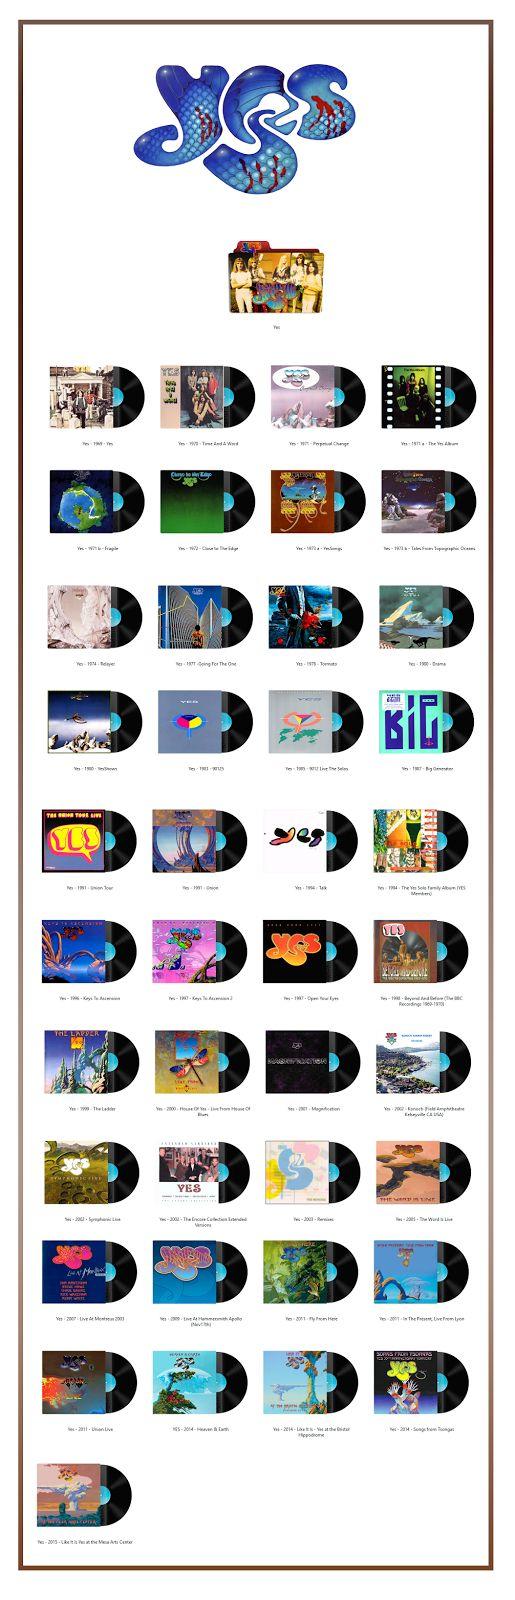 Album Art Icons: Yes